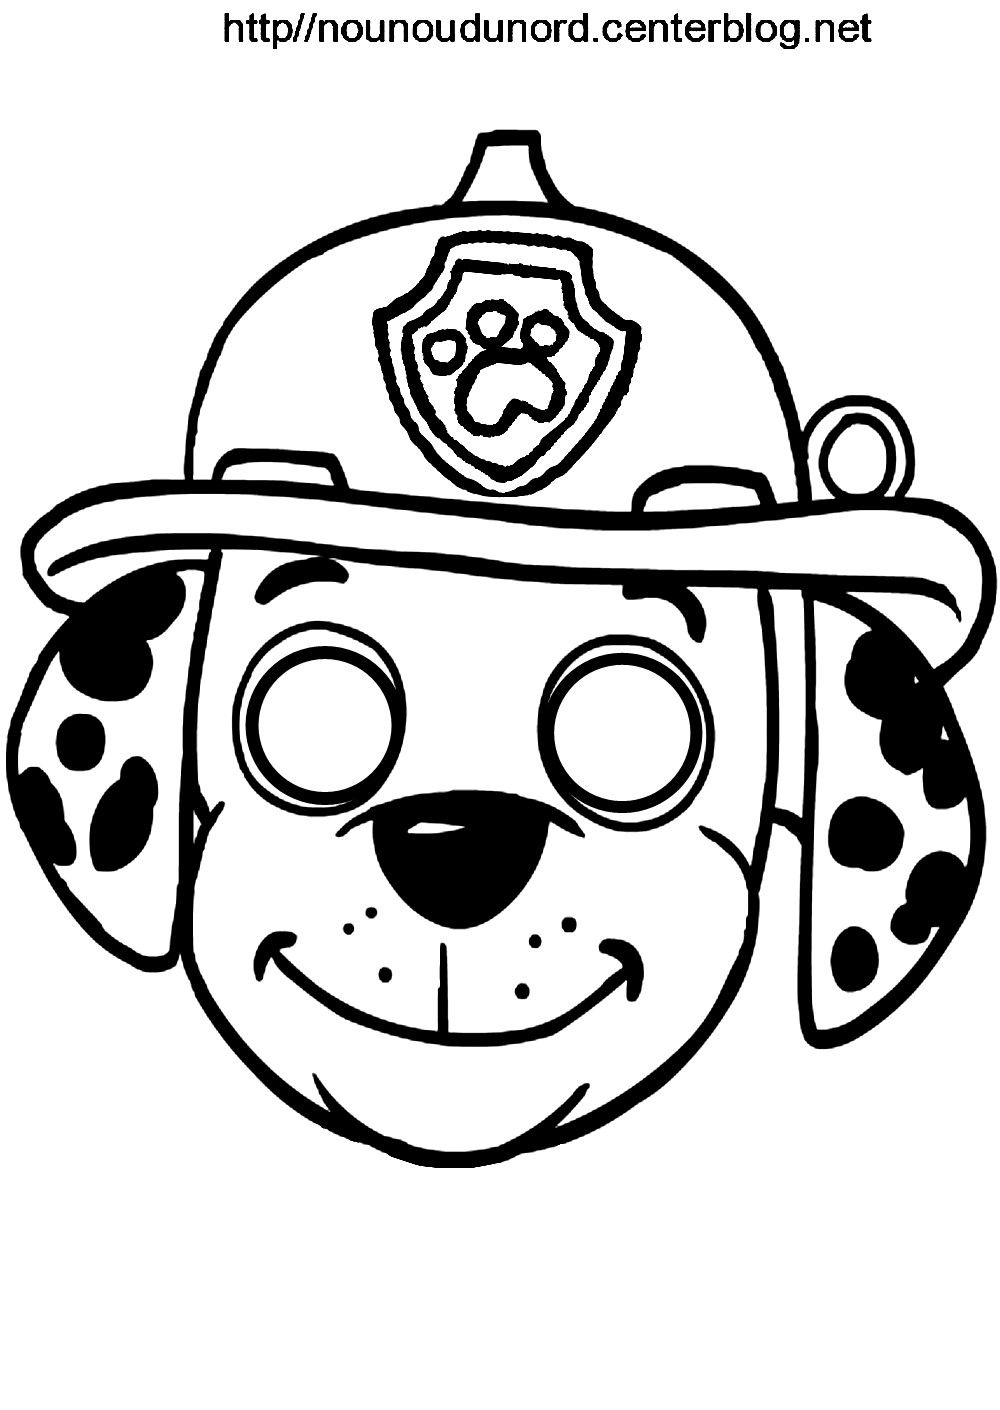 Masques imprimer class s par ordre alphab tique kids and parenting paw patrol masks - Coloriage masque a imprimer ...